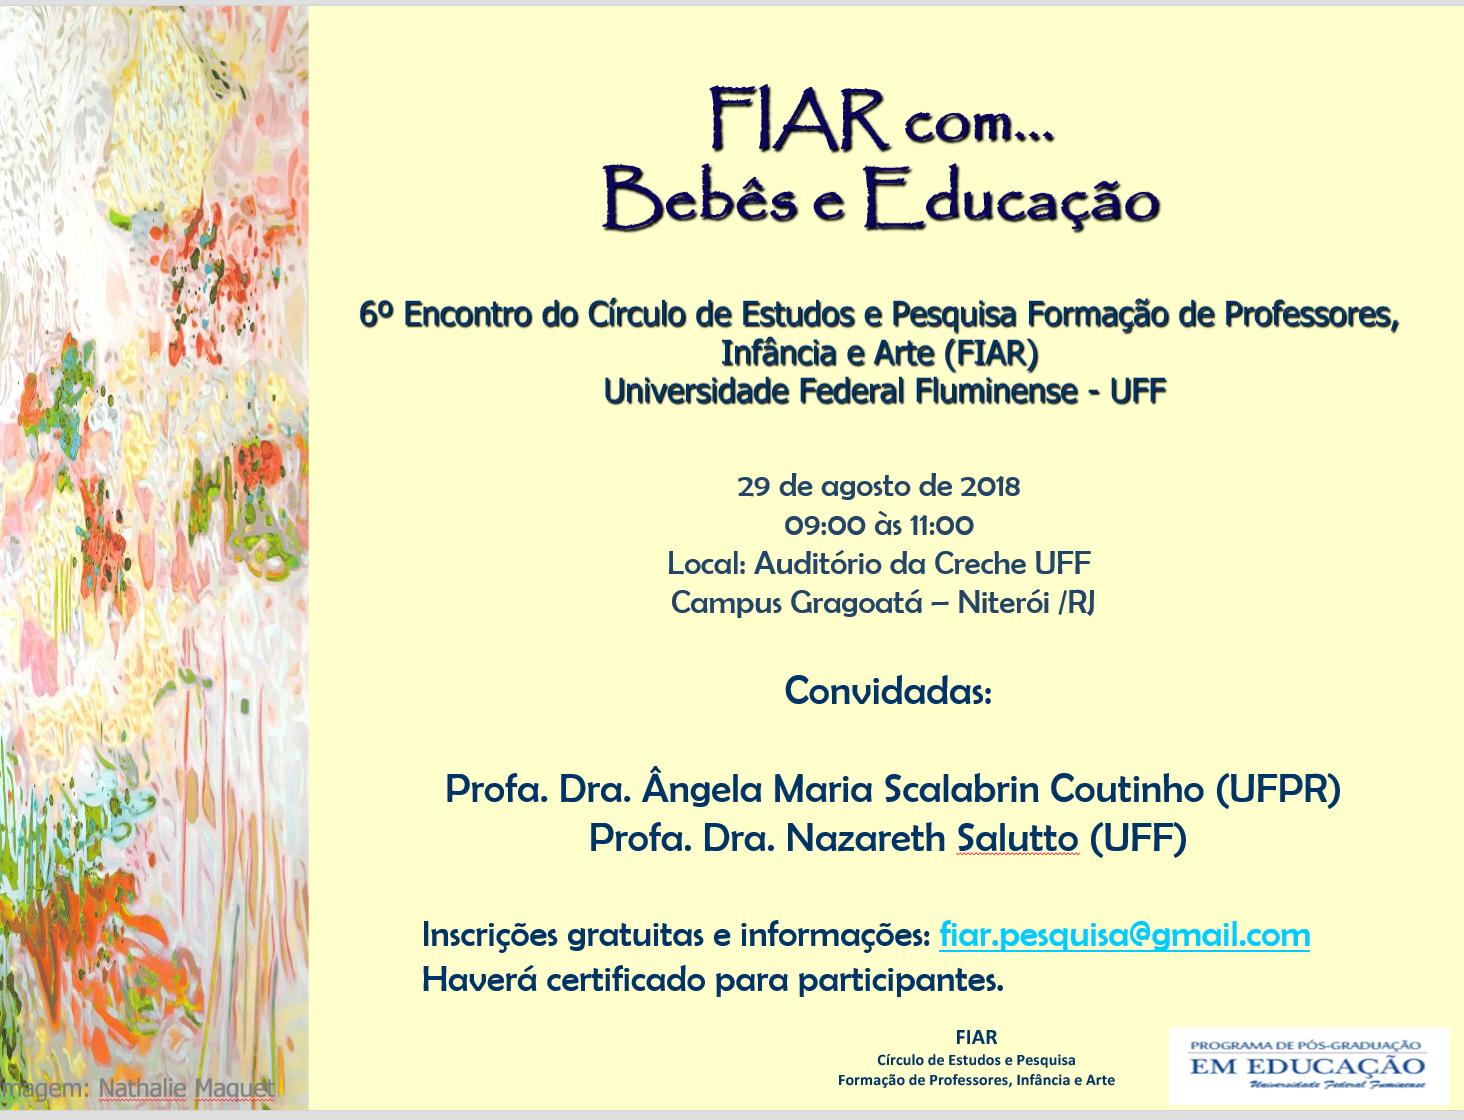 FIAR com... bebês e educação